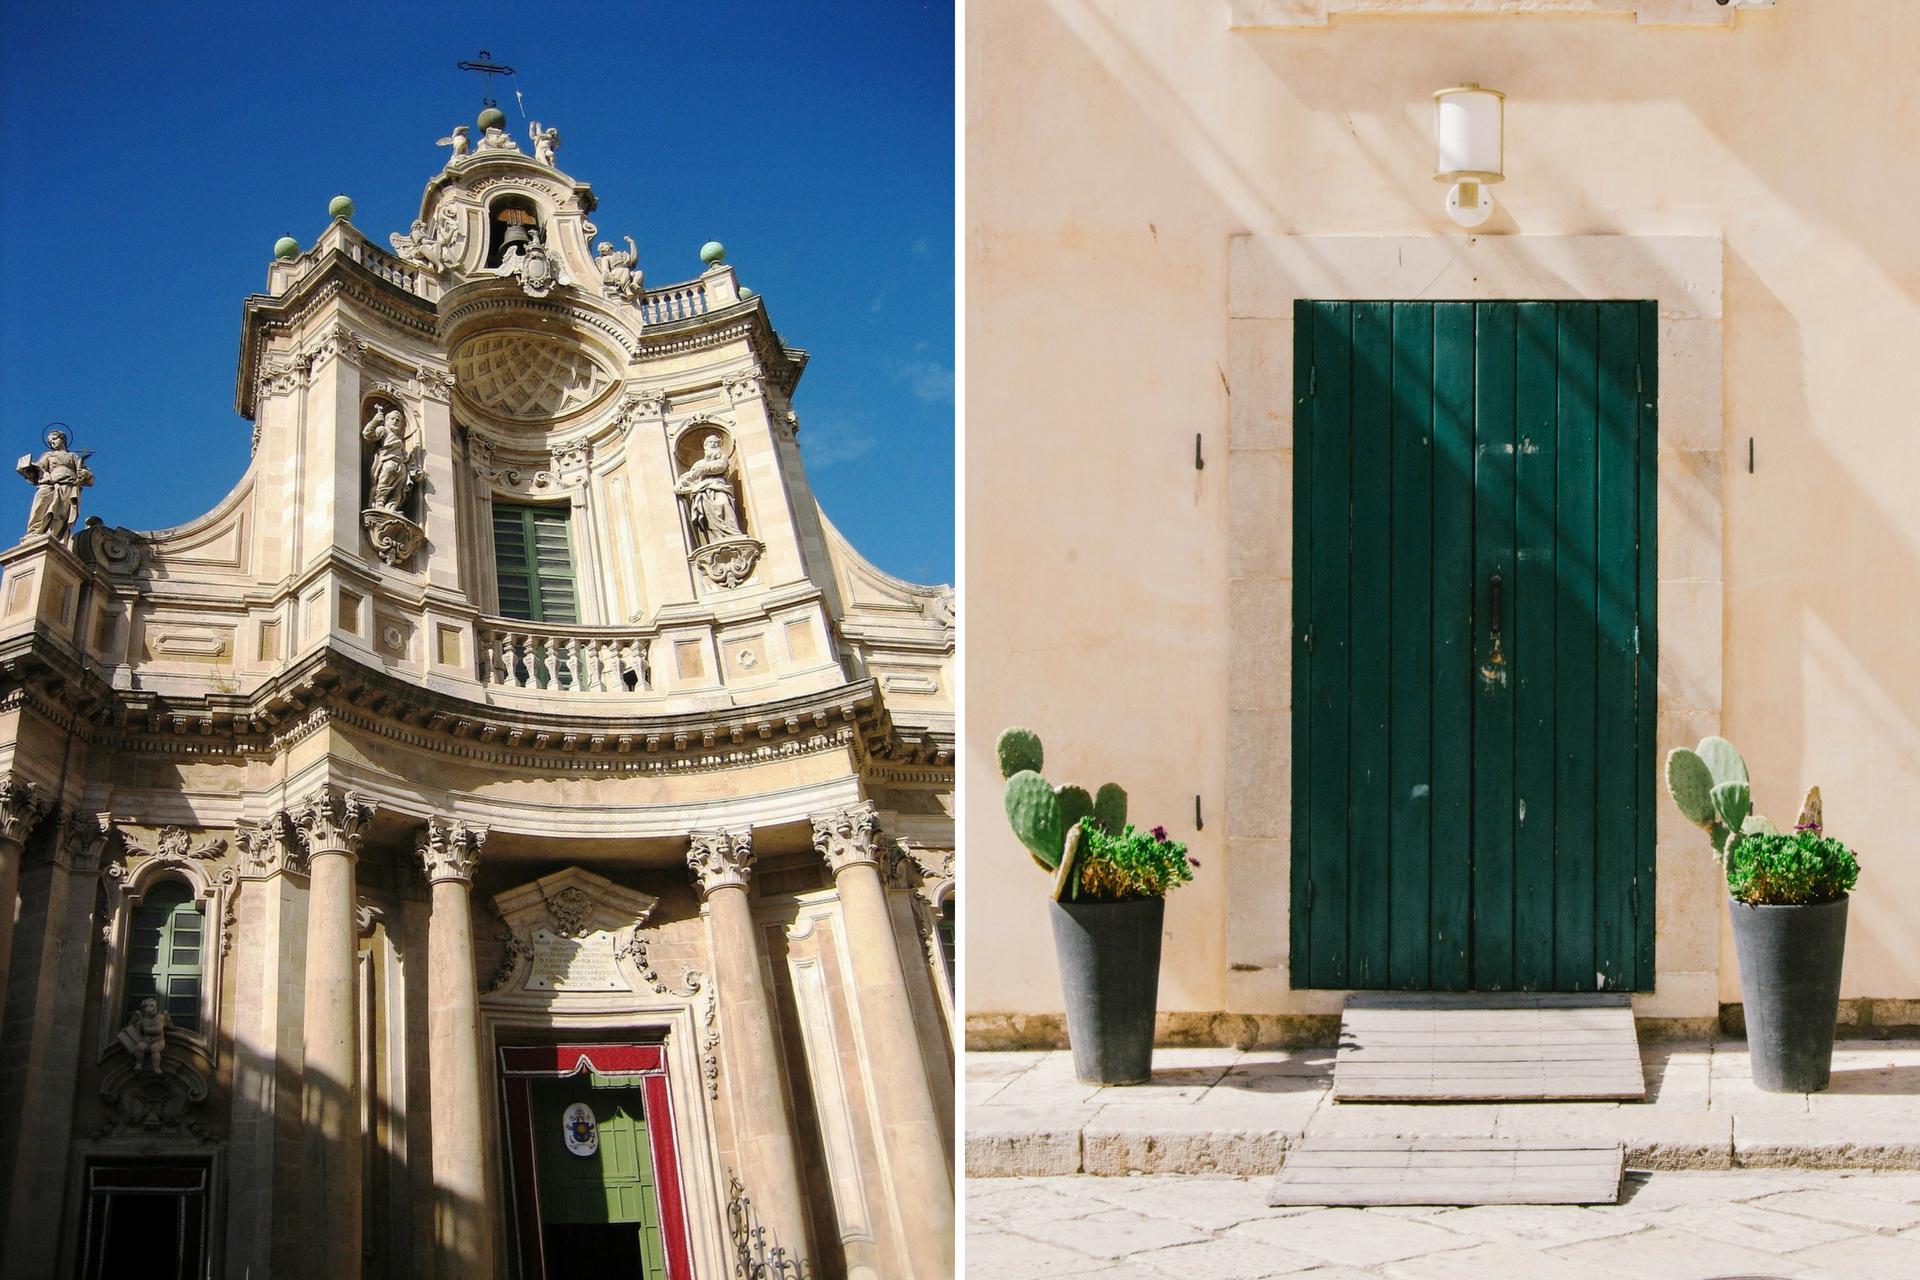 Sicilia Cosa Vedere Tra Catania E Siracusa: 5 Ottimi Motivi Per Andarci (tutto L'anno)